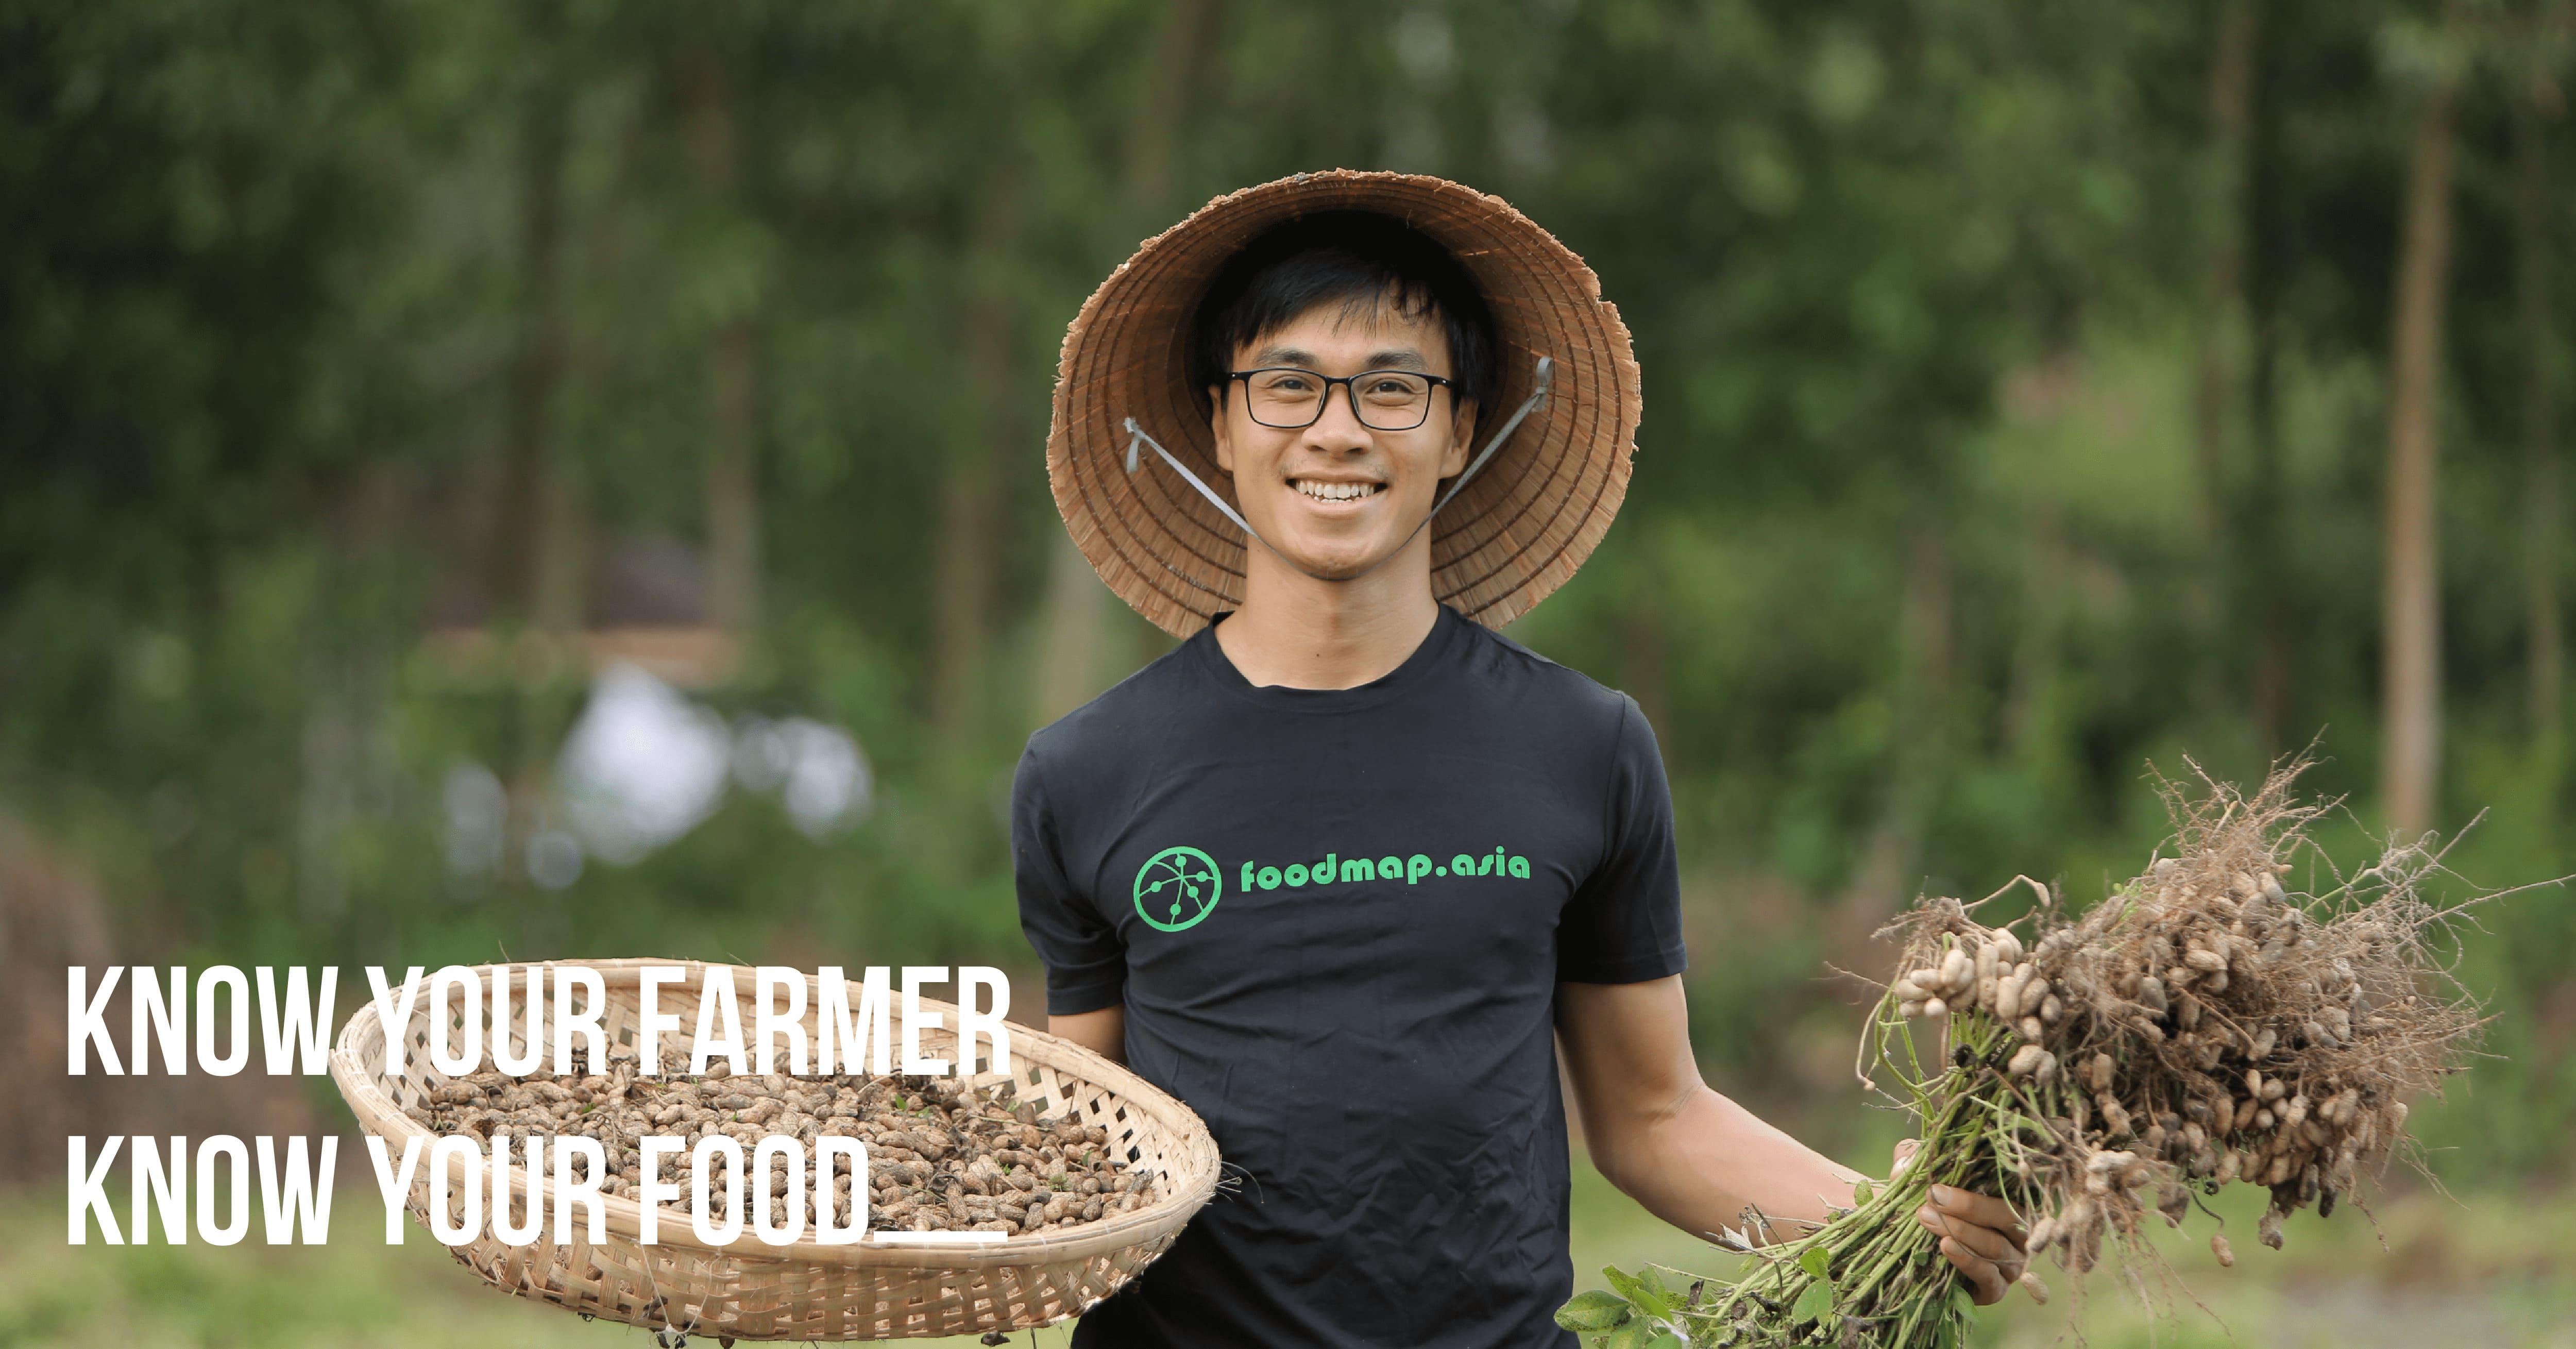 Mô hình thương mại điện tử thuần sản phẩm nông nghiệp Việt Nam. Ảnh: Foodmap.asia